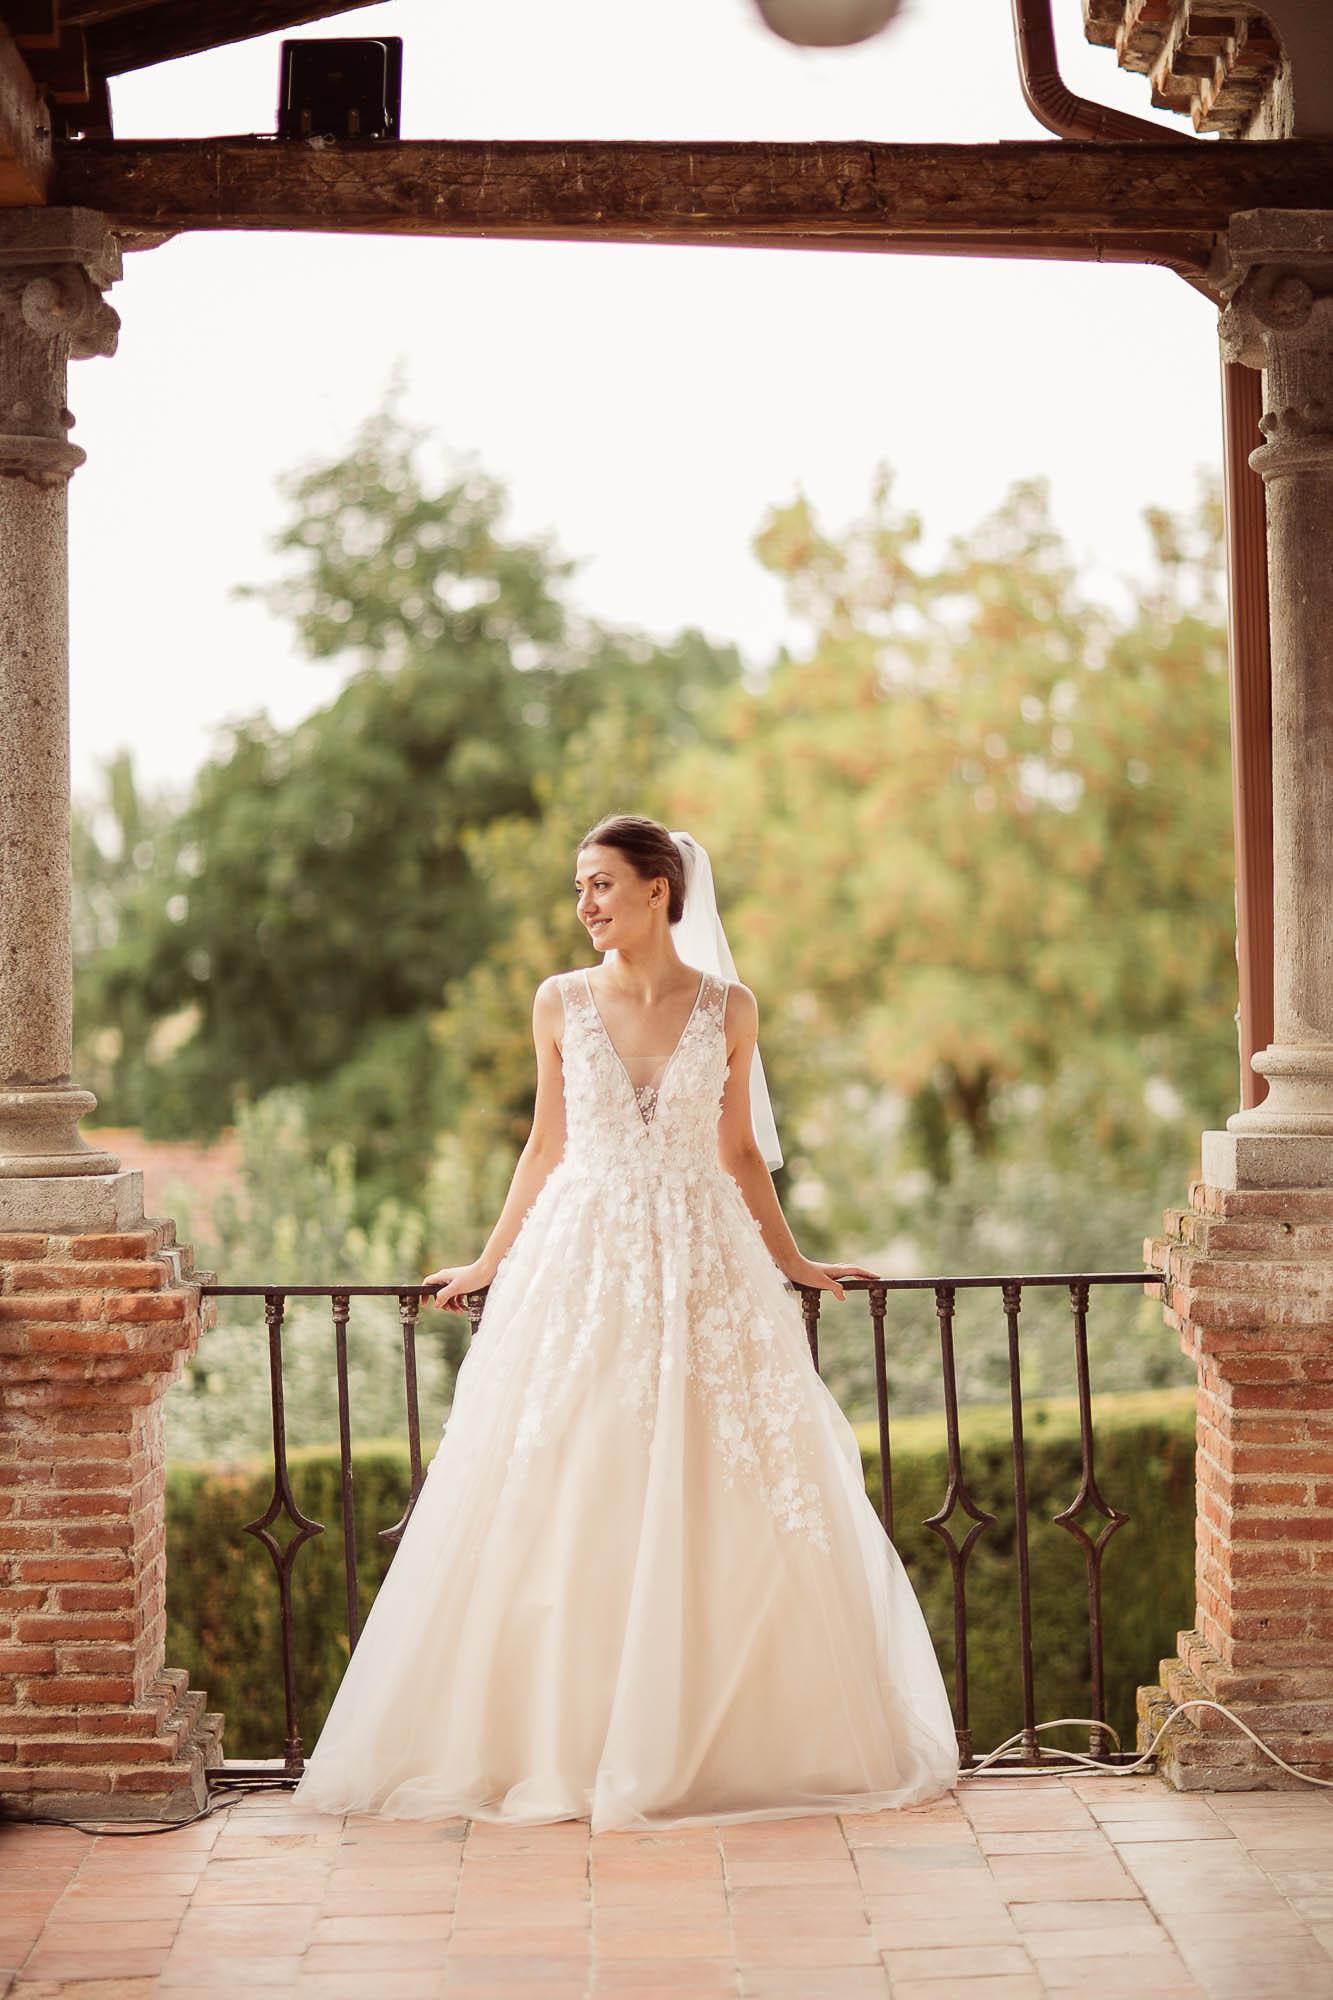 La novia sonríe de pie en el balcón